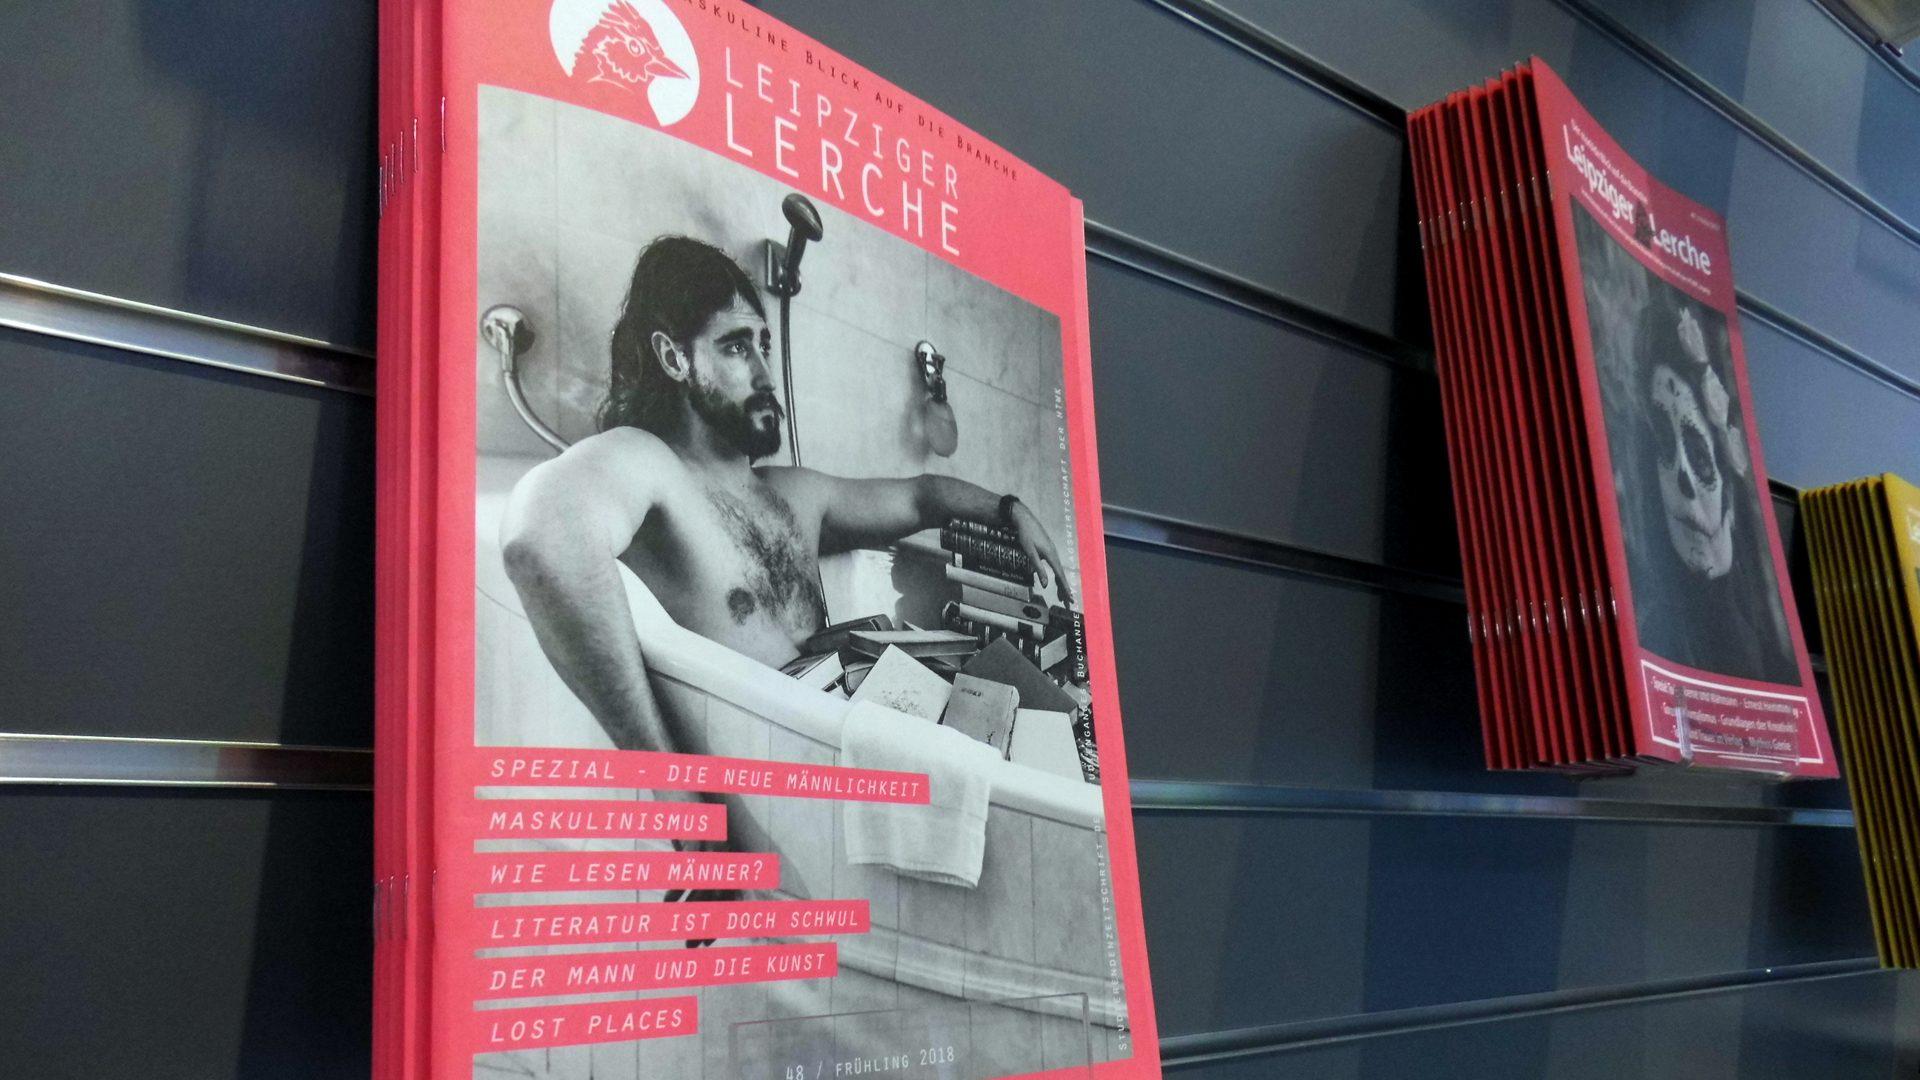 """Auf der Leipziger Buchmesse im März vorgestellt, liegt die akuelle Ausgabe der """"Leipziger Lerche"""" für euch bereit."""